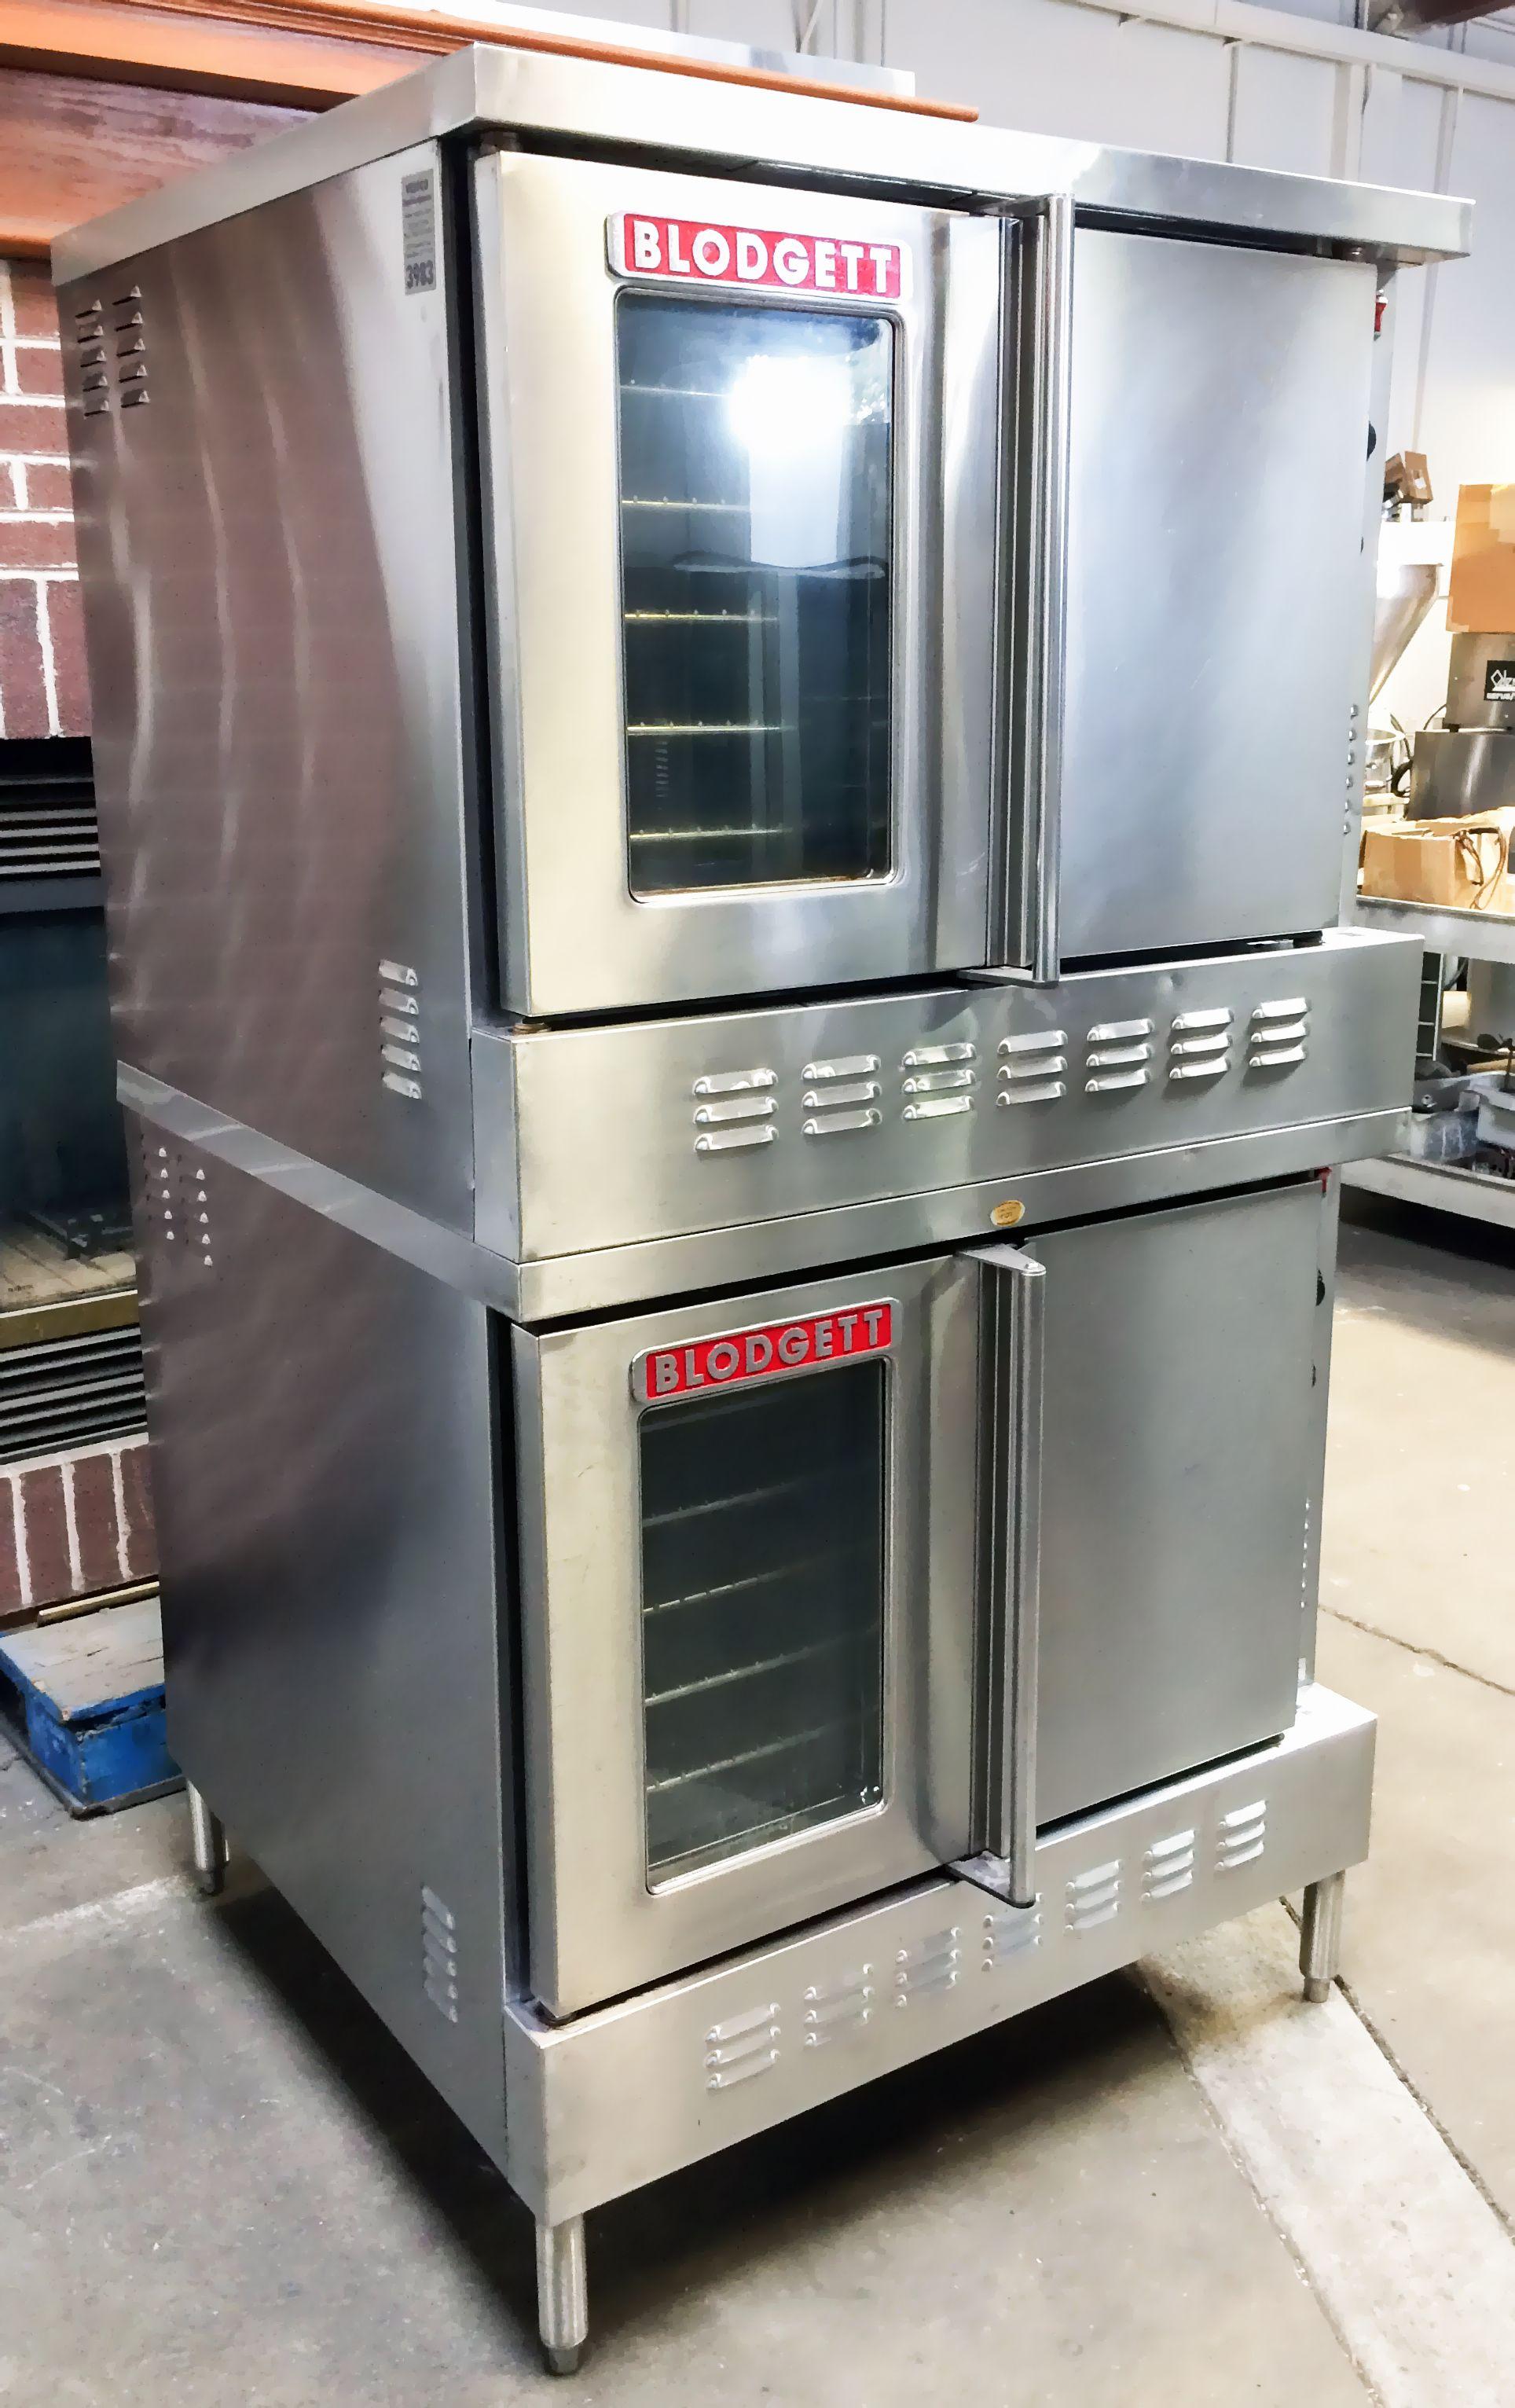 Restaurant Bakery Equipment Blodgett SH1G/AA Full Size Double Stack on